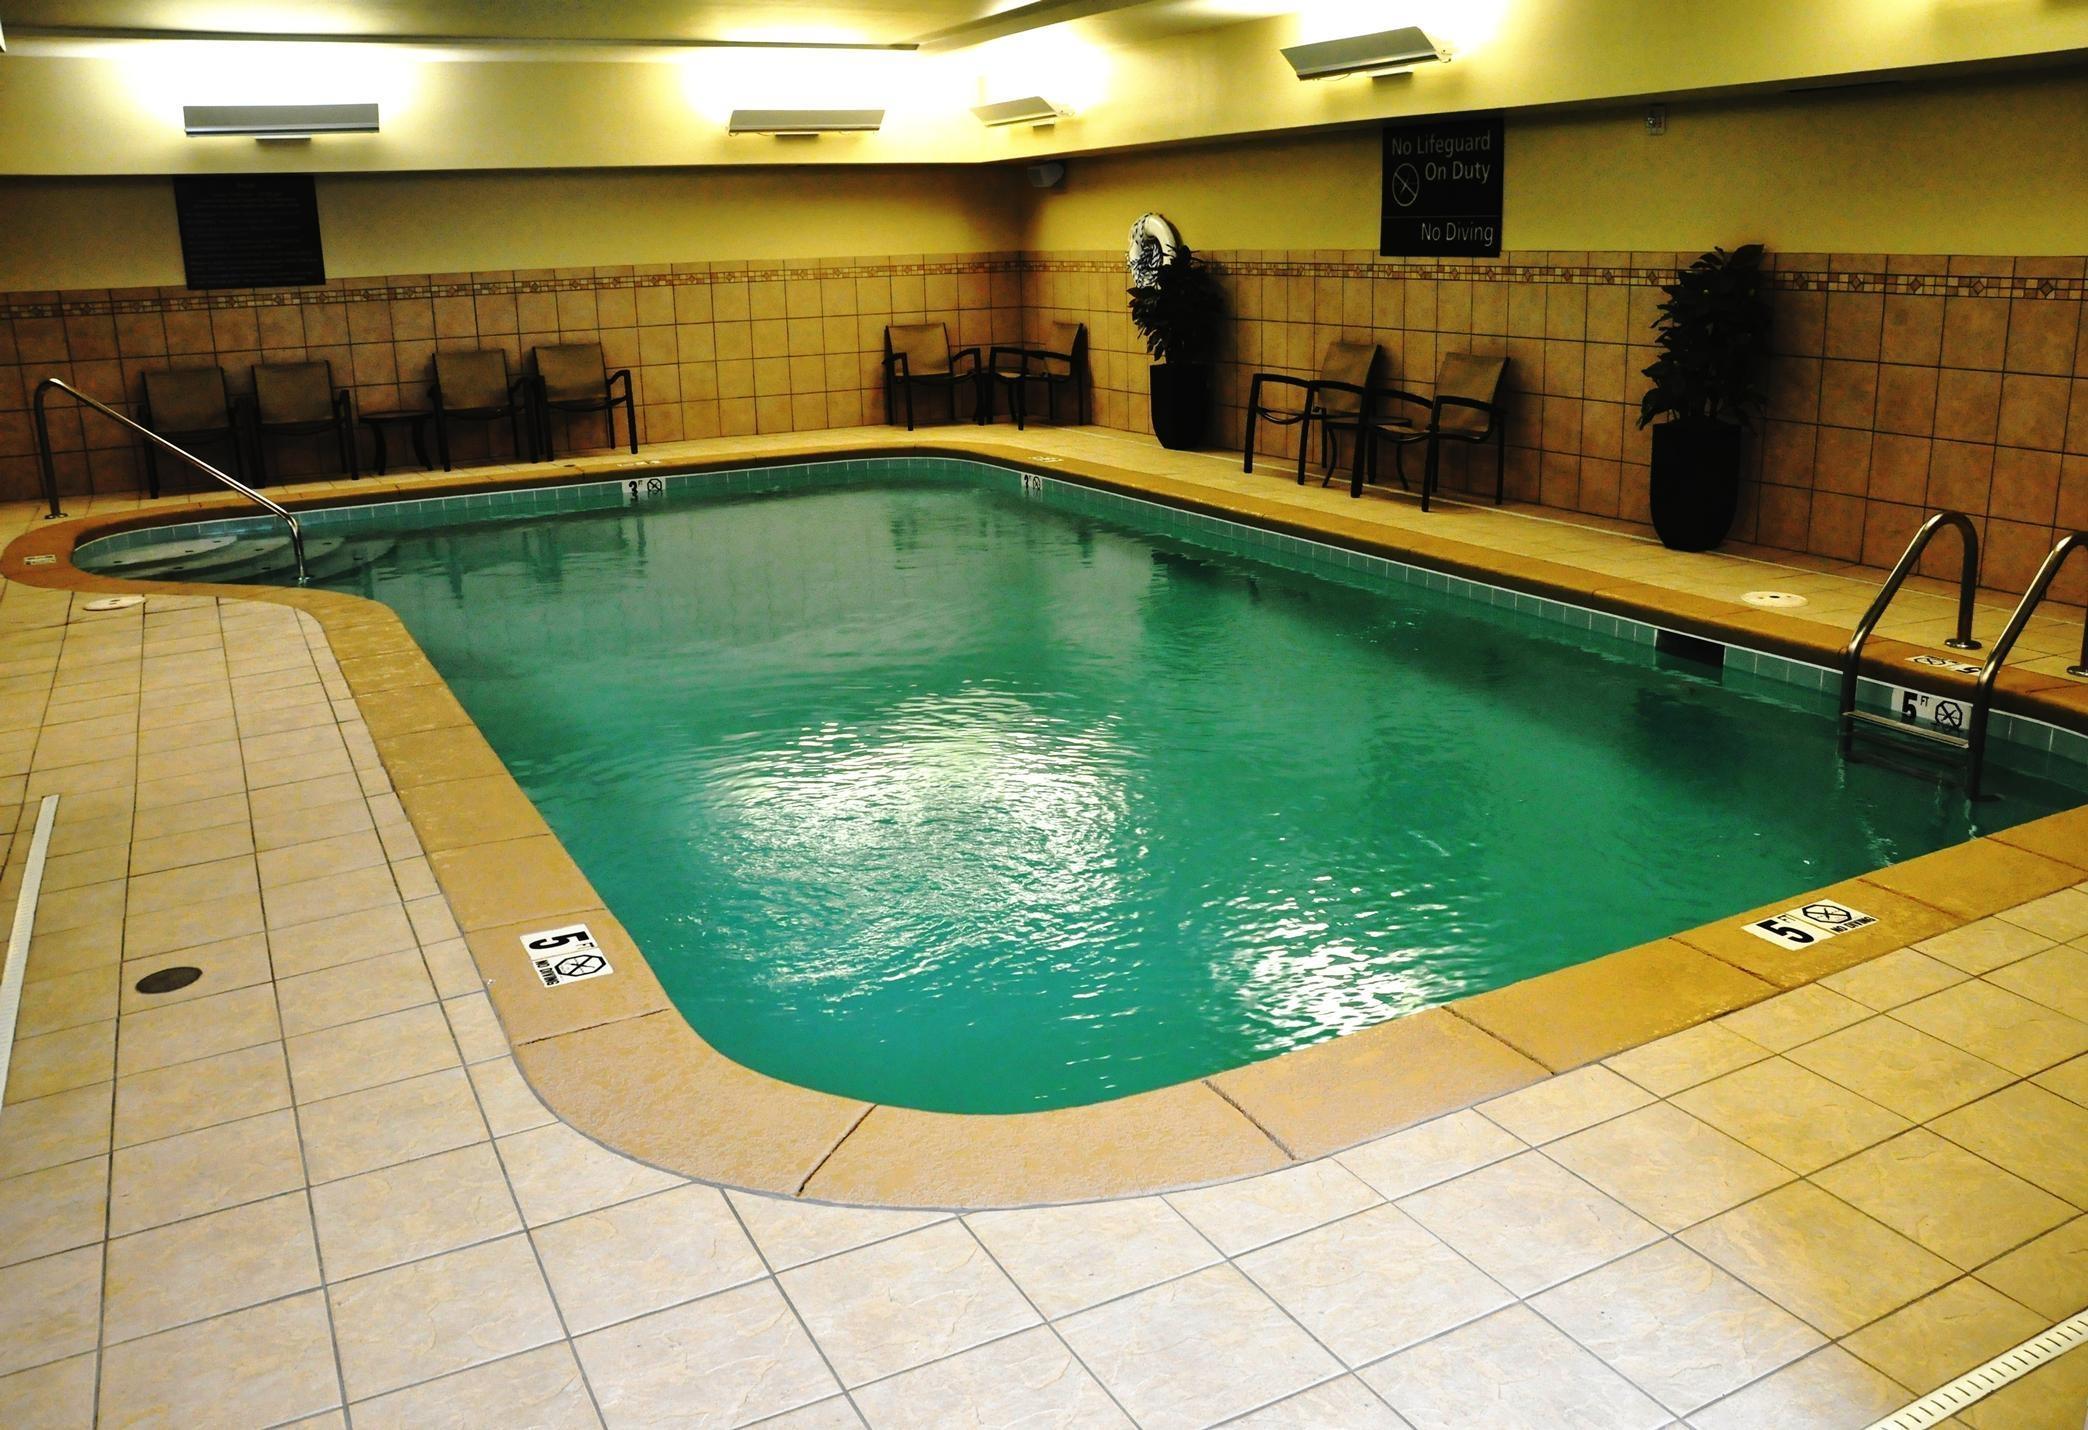 Hampton Inn & Suites Cincinnati/Uptown-University Area image 3